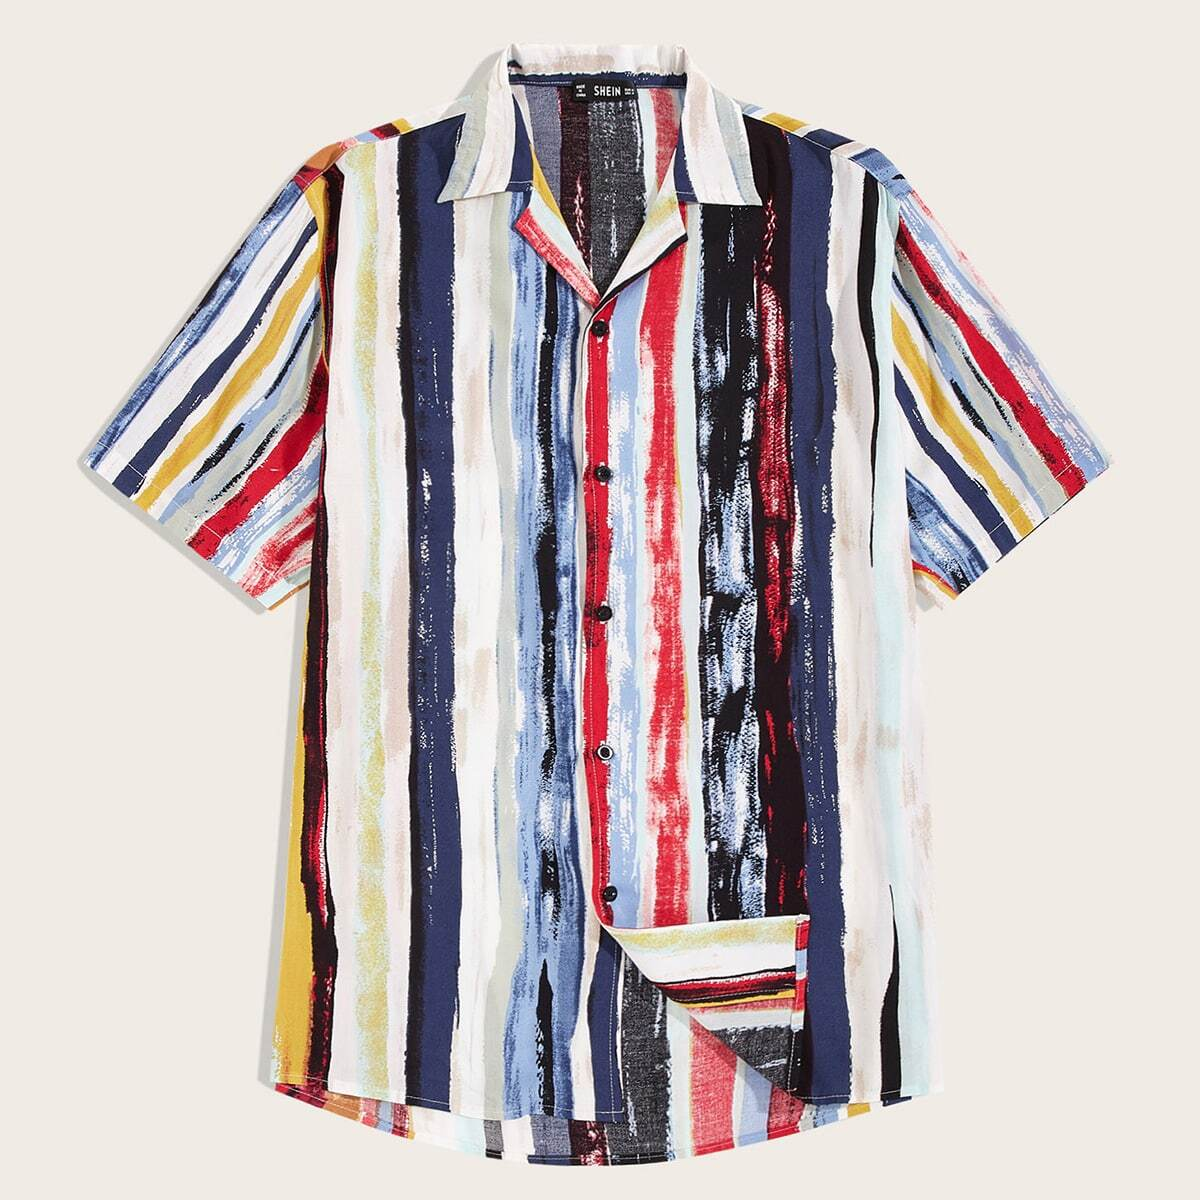 Veel kleurig Casual Overhemden voor heren Voorpand met Knoopjes